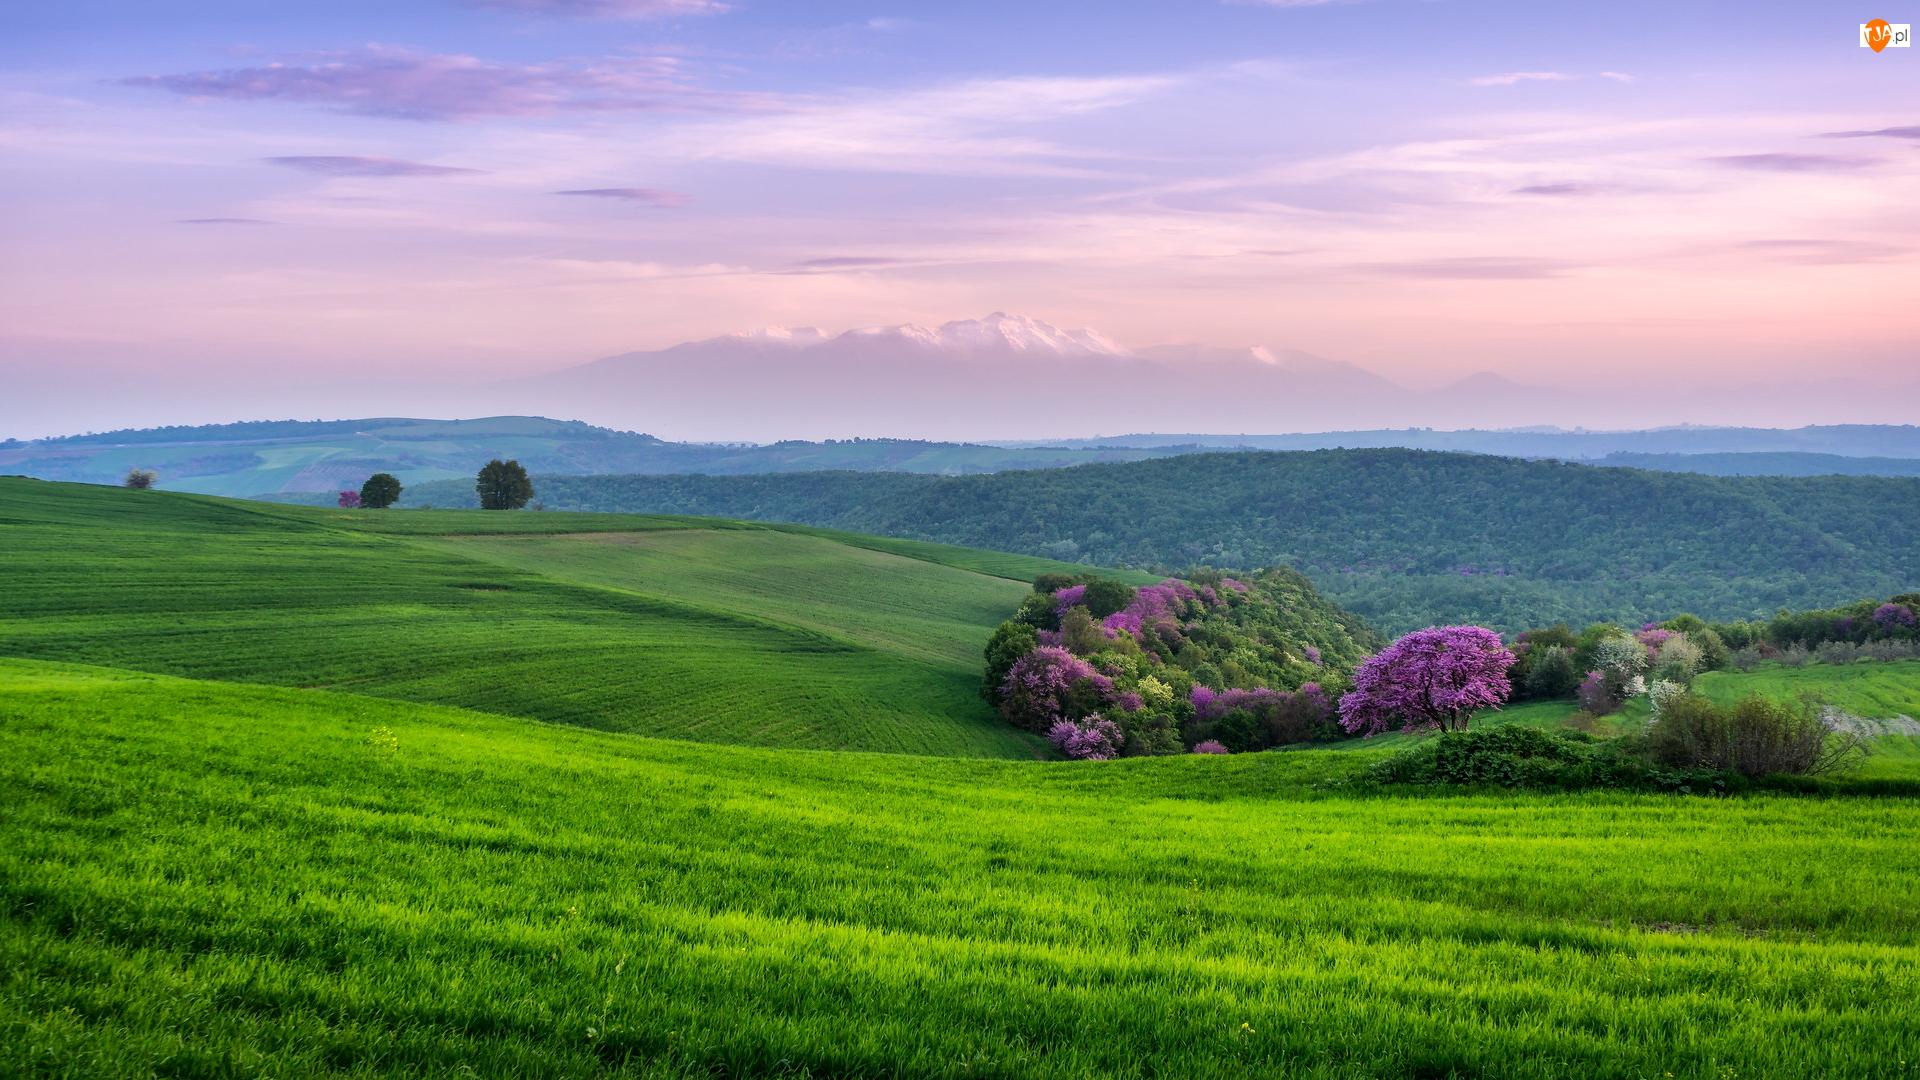 Drzewa, Szczyty, Pidna Kolindros, Góry, Wzgórza, Macedonia Środkowa, Pola, Zielone, Olimp, Kolorowe, Grecja